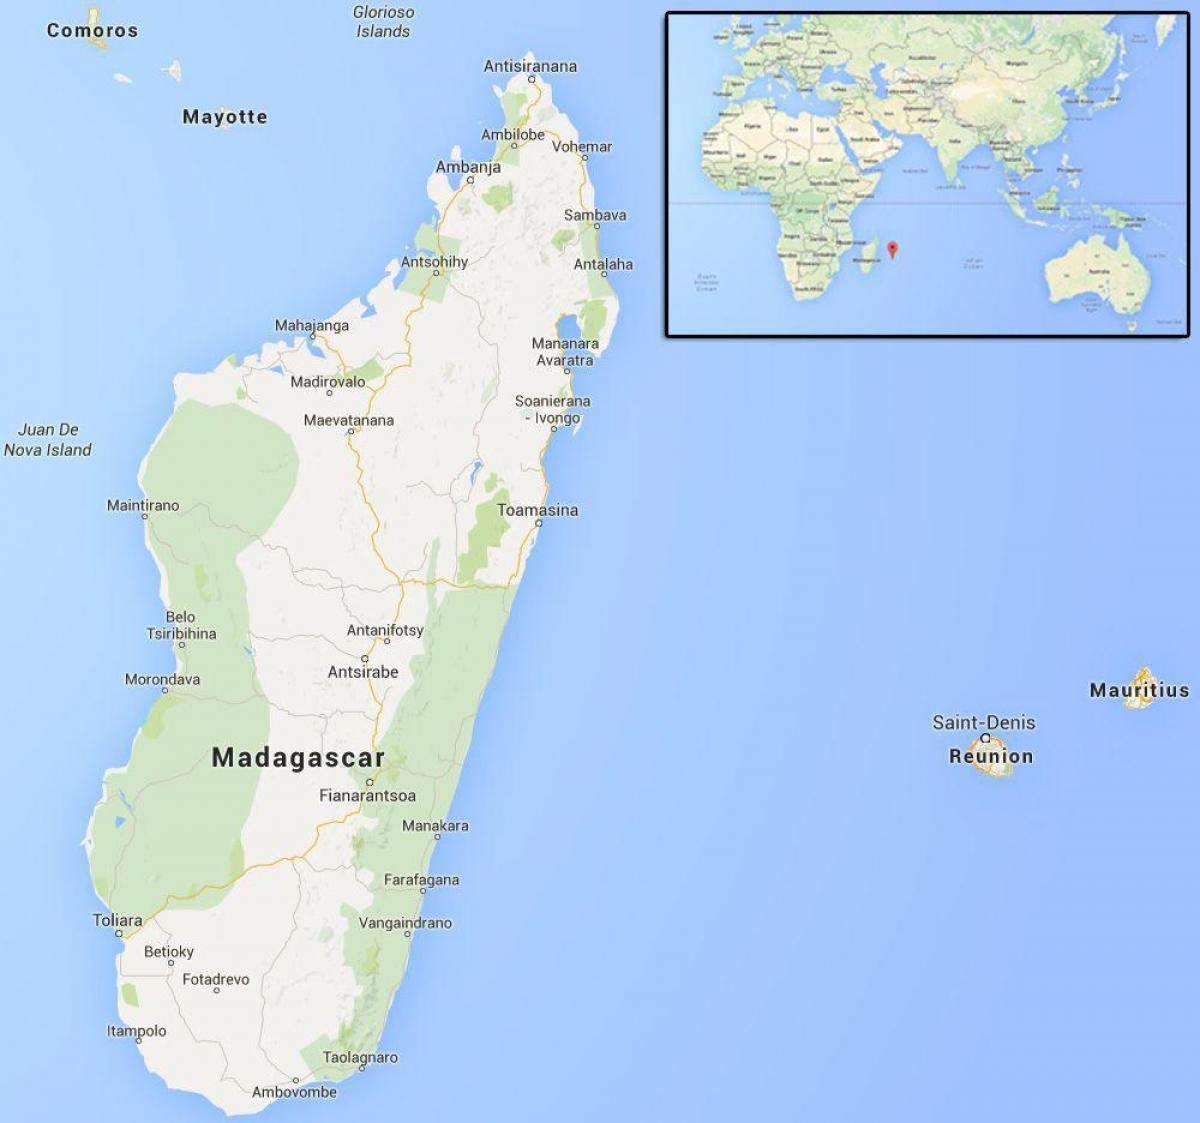 Madagaskar Karte.Inseln In Der Nahe Von Madagaskar Karte Karte Der Inseln